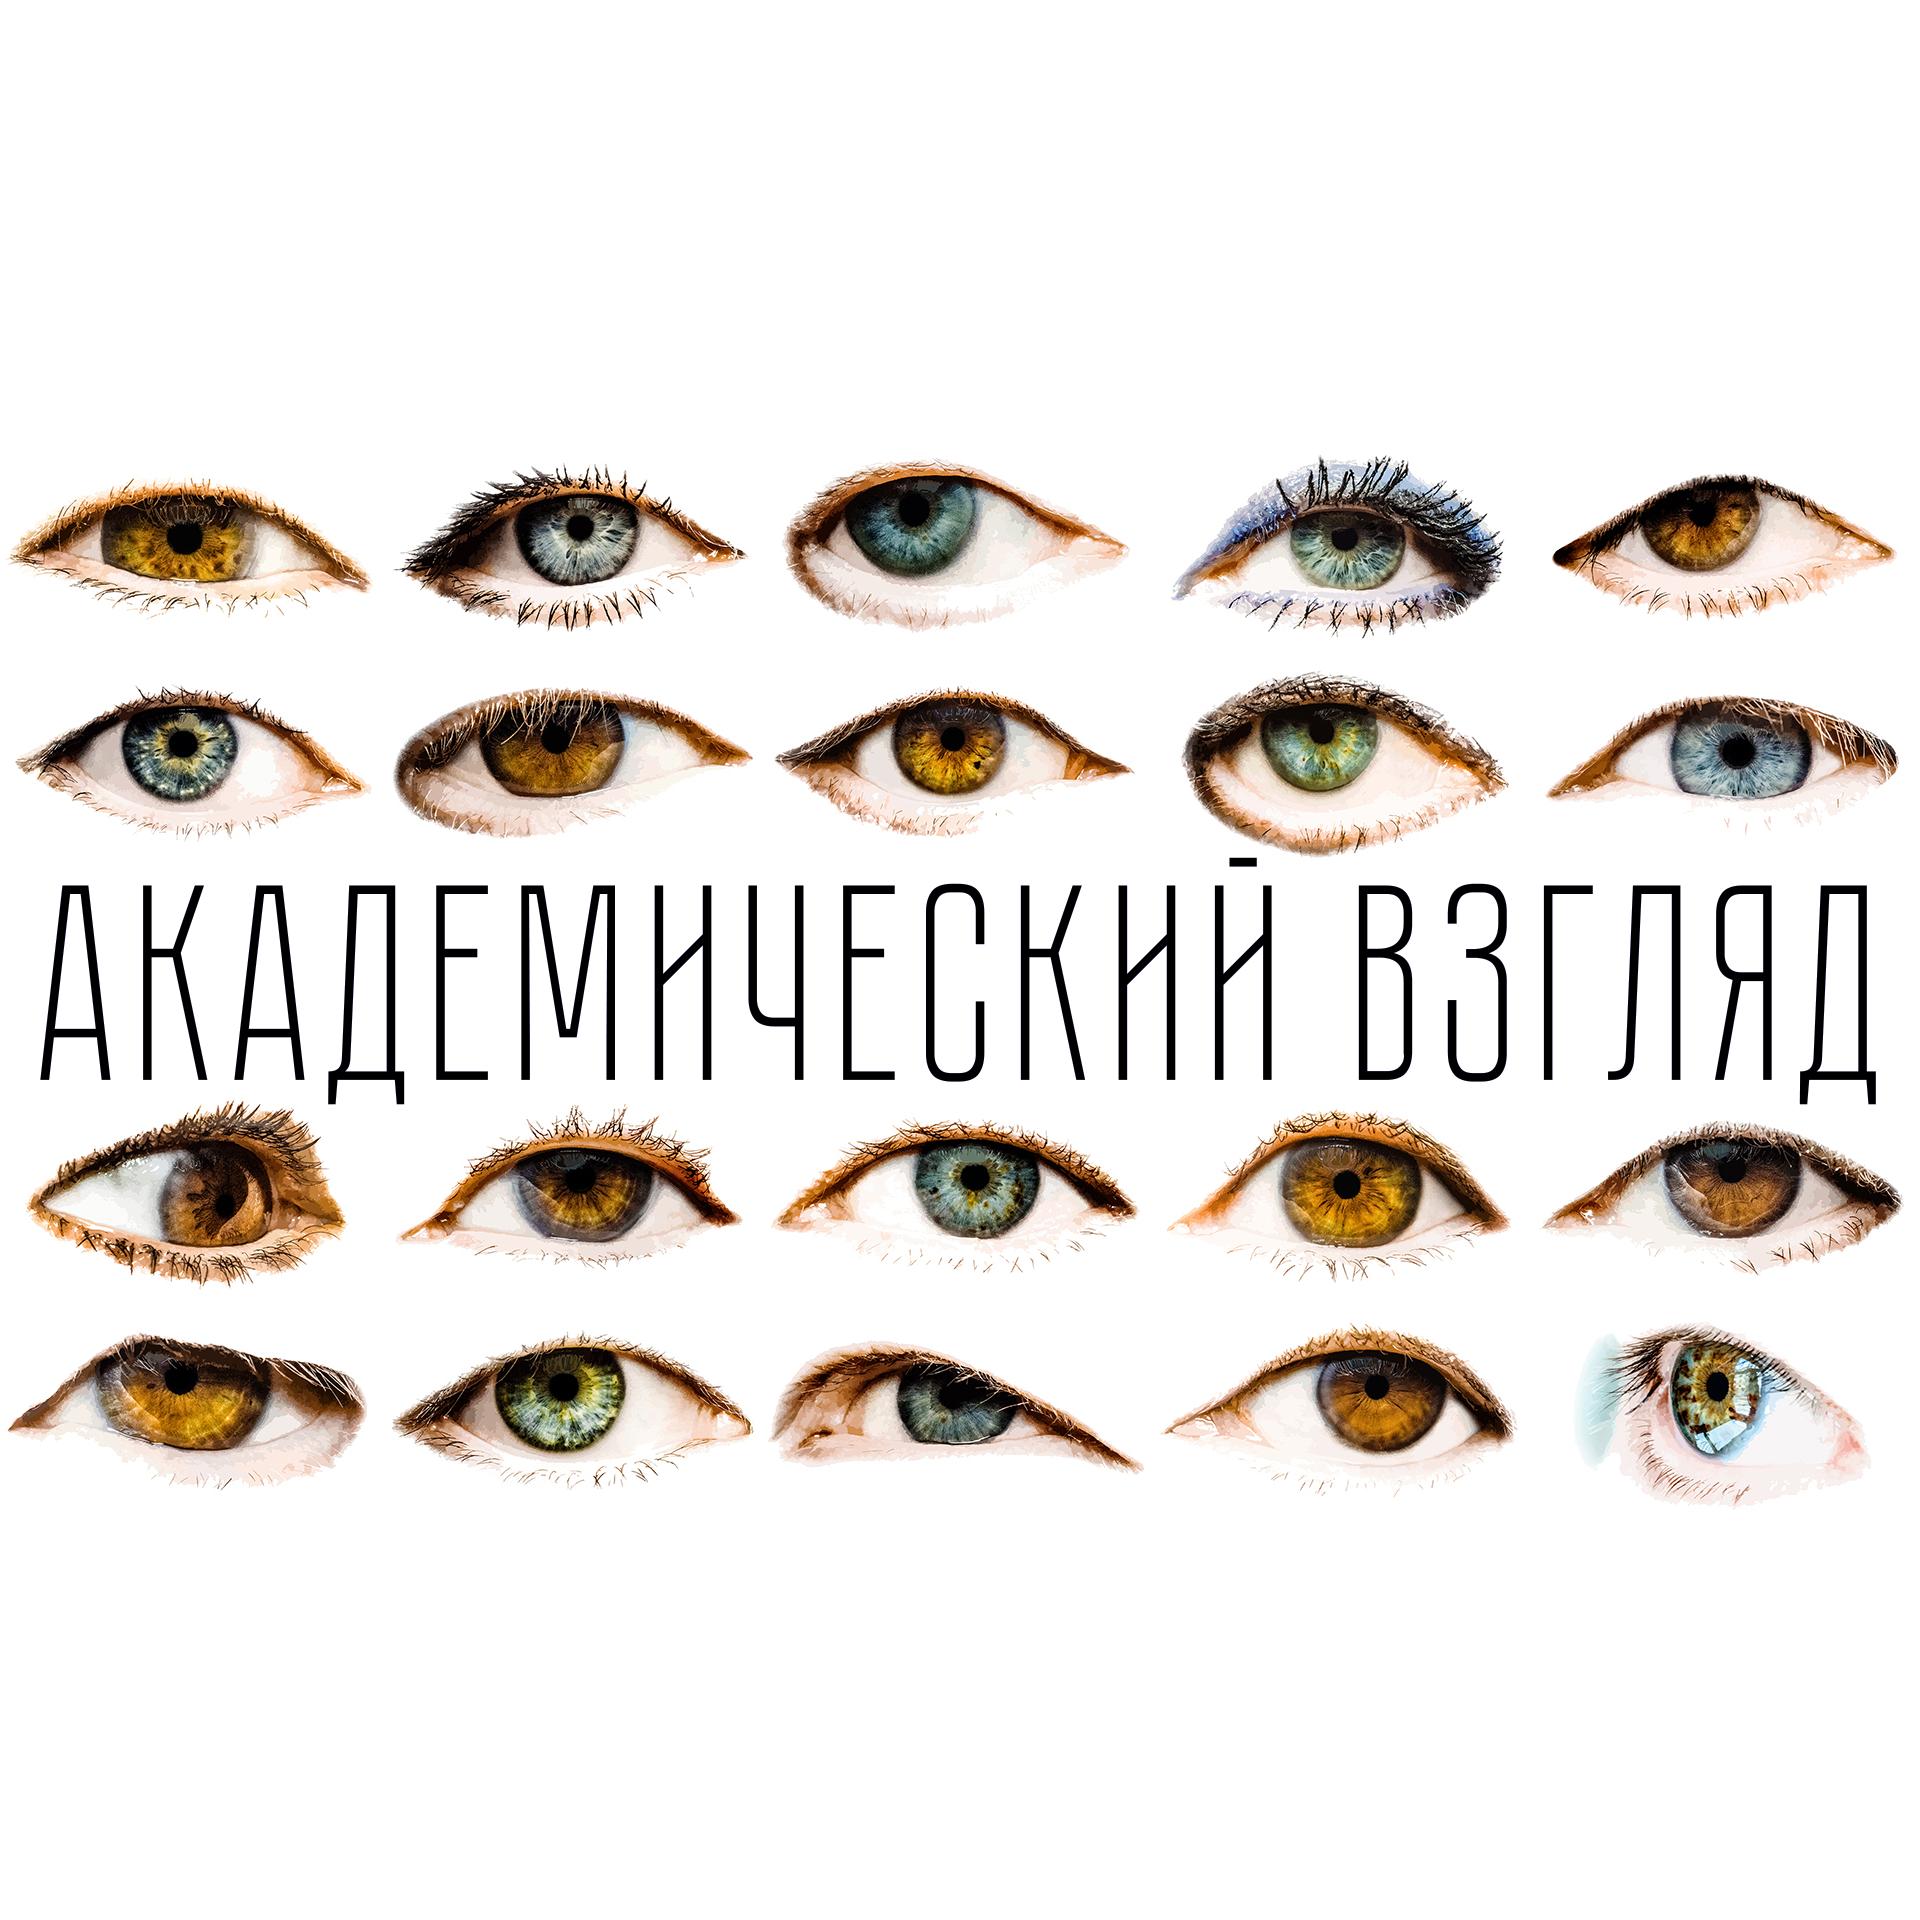 Проект «Академический взгляд»